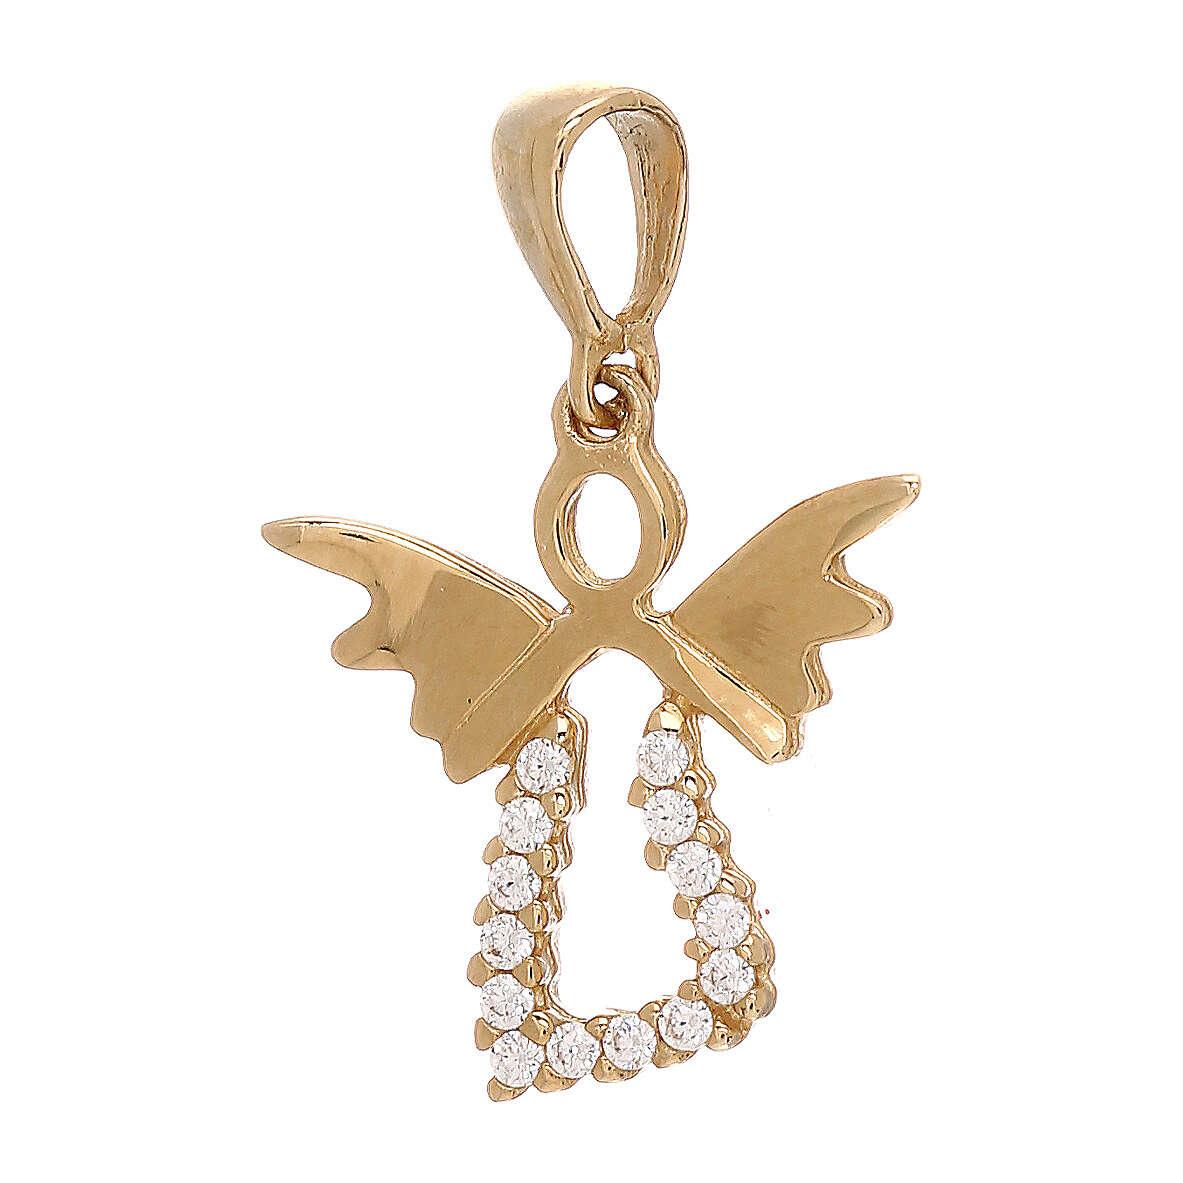 Pendente angelo stilizzato oro 18 kt traforato Swarovski 1,15 gr 4